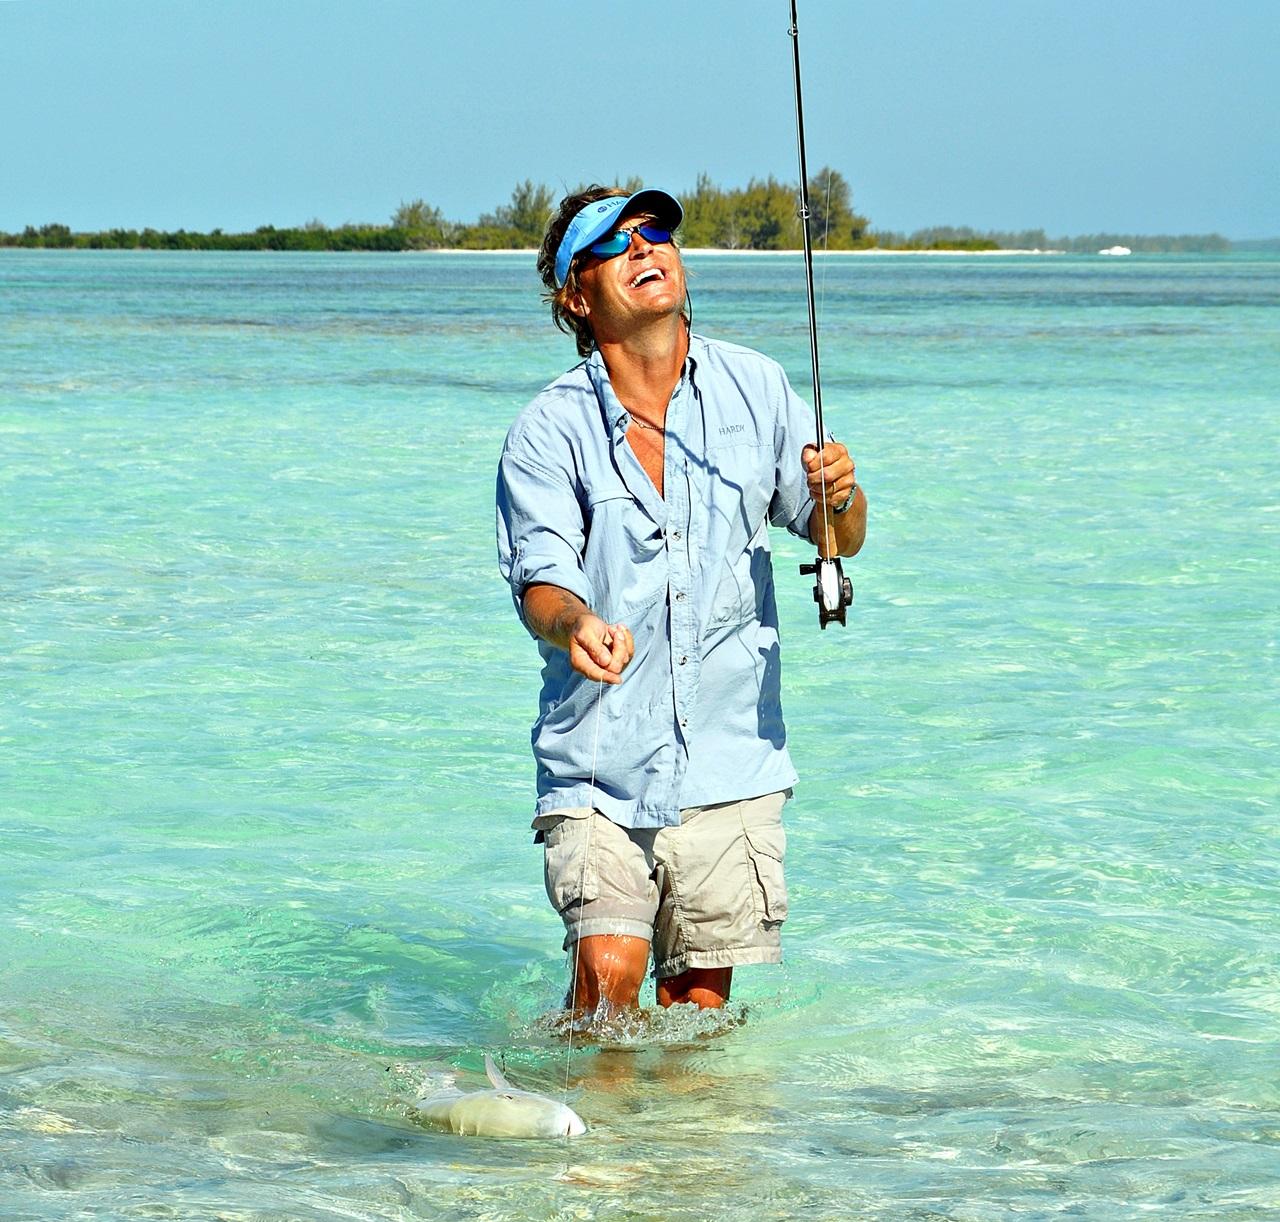 du velger om du vader eller fisker i fra båt, begge ting er fantastisk